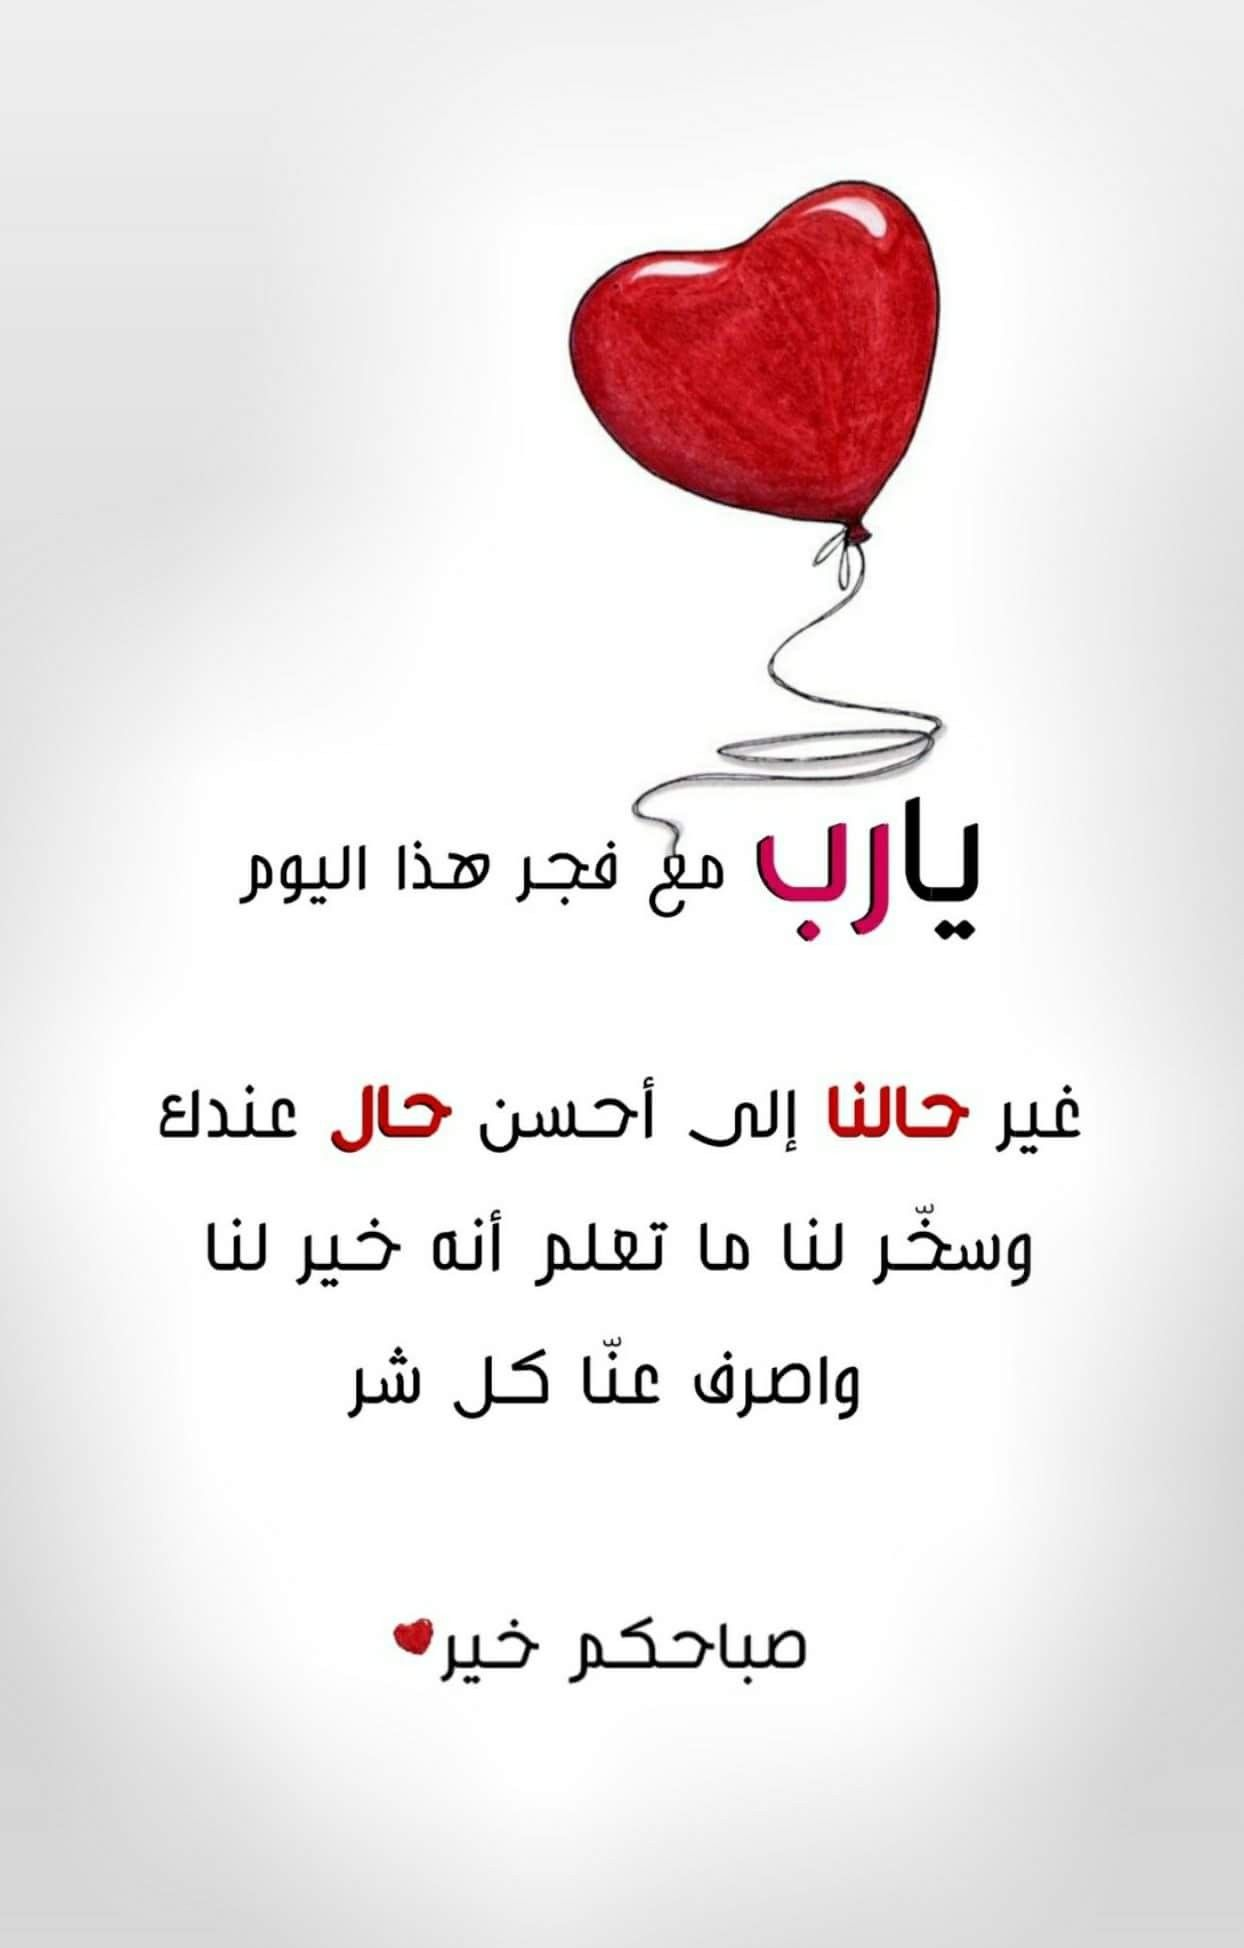 يــــارب مع فجر هذا اليوم غير حالنا إلى أحسن حال عندك وسخر لنا ماتعلم أنه خير لنا واصرف عنا ك Good Morning Arabic Good Morning Beautiful Quotes Cool Words